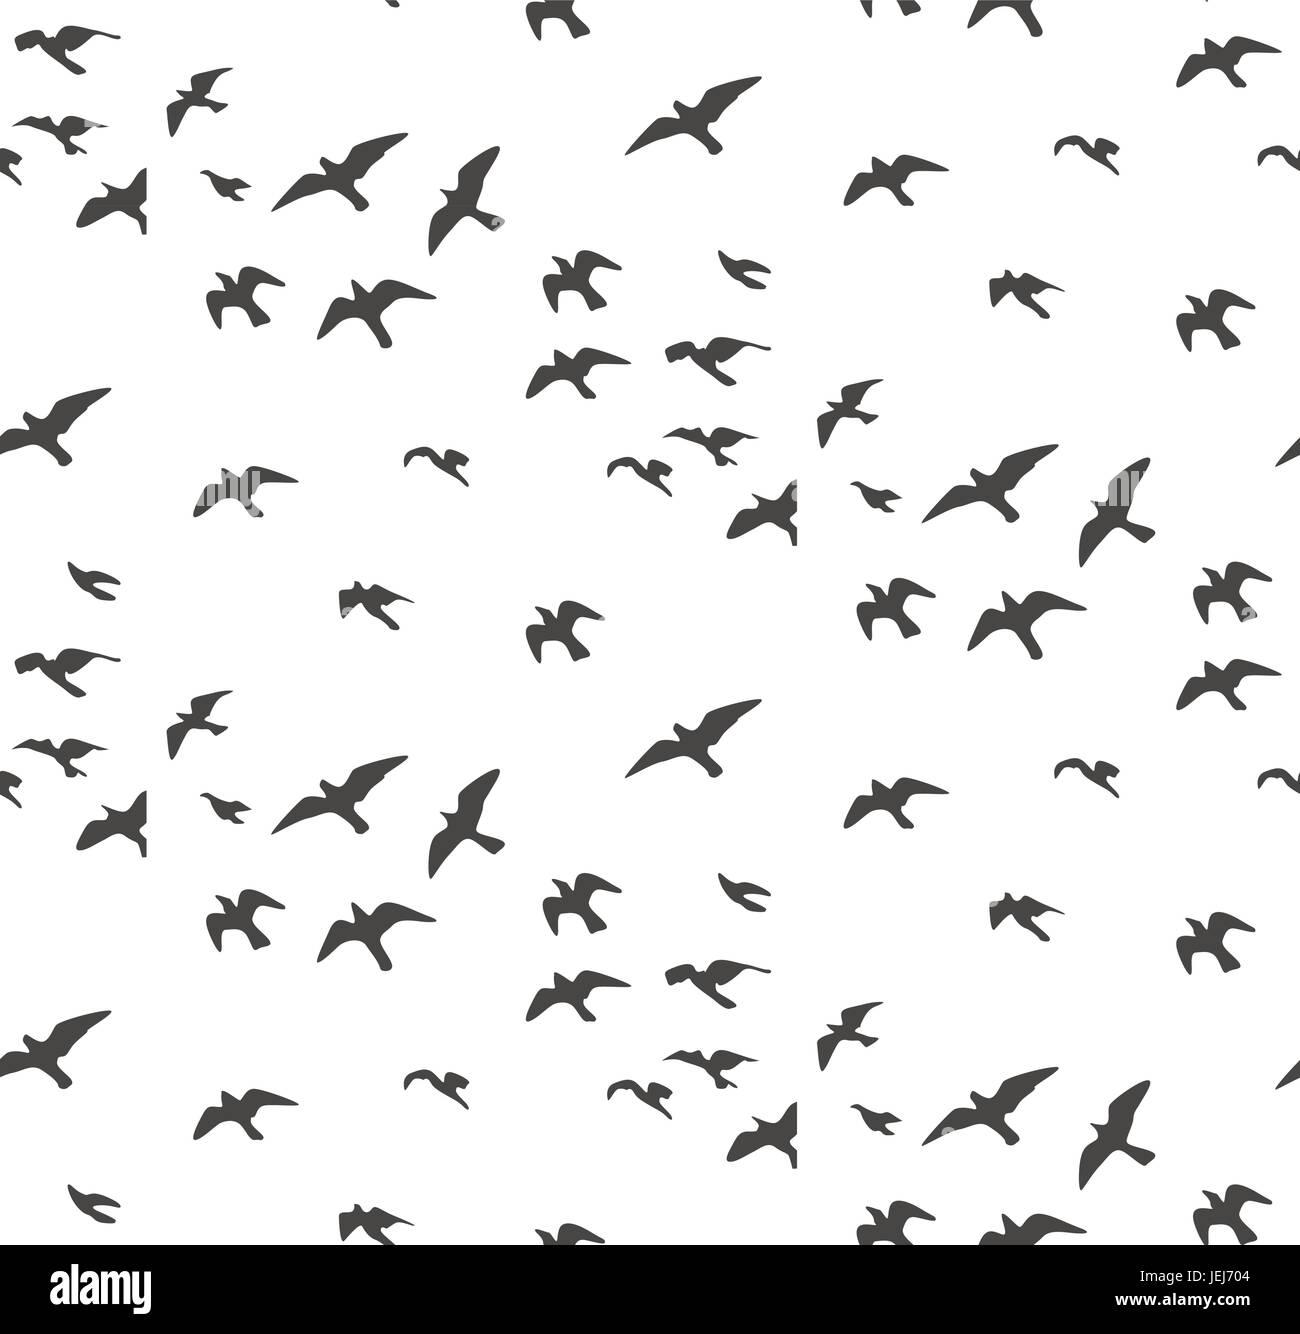 Gabbiani Sagome Seamless Pattern Stormo Di Uccelli In Volo